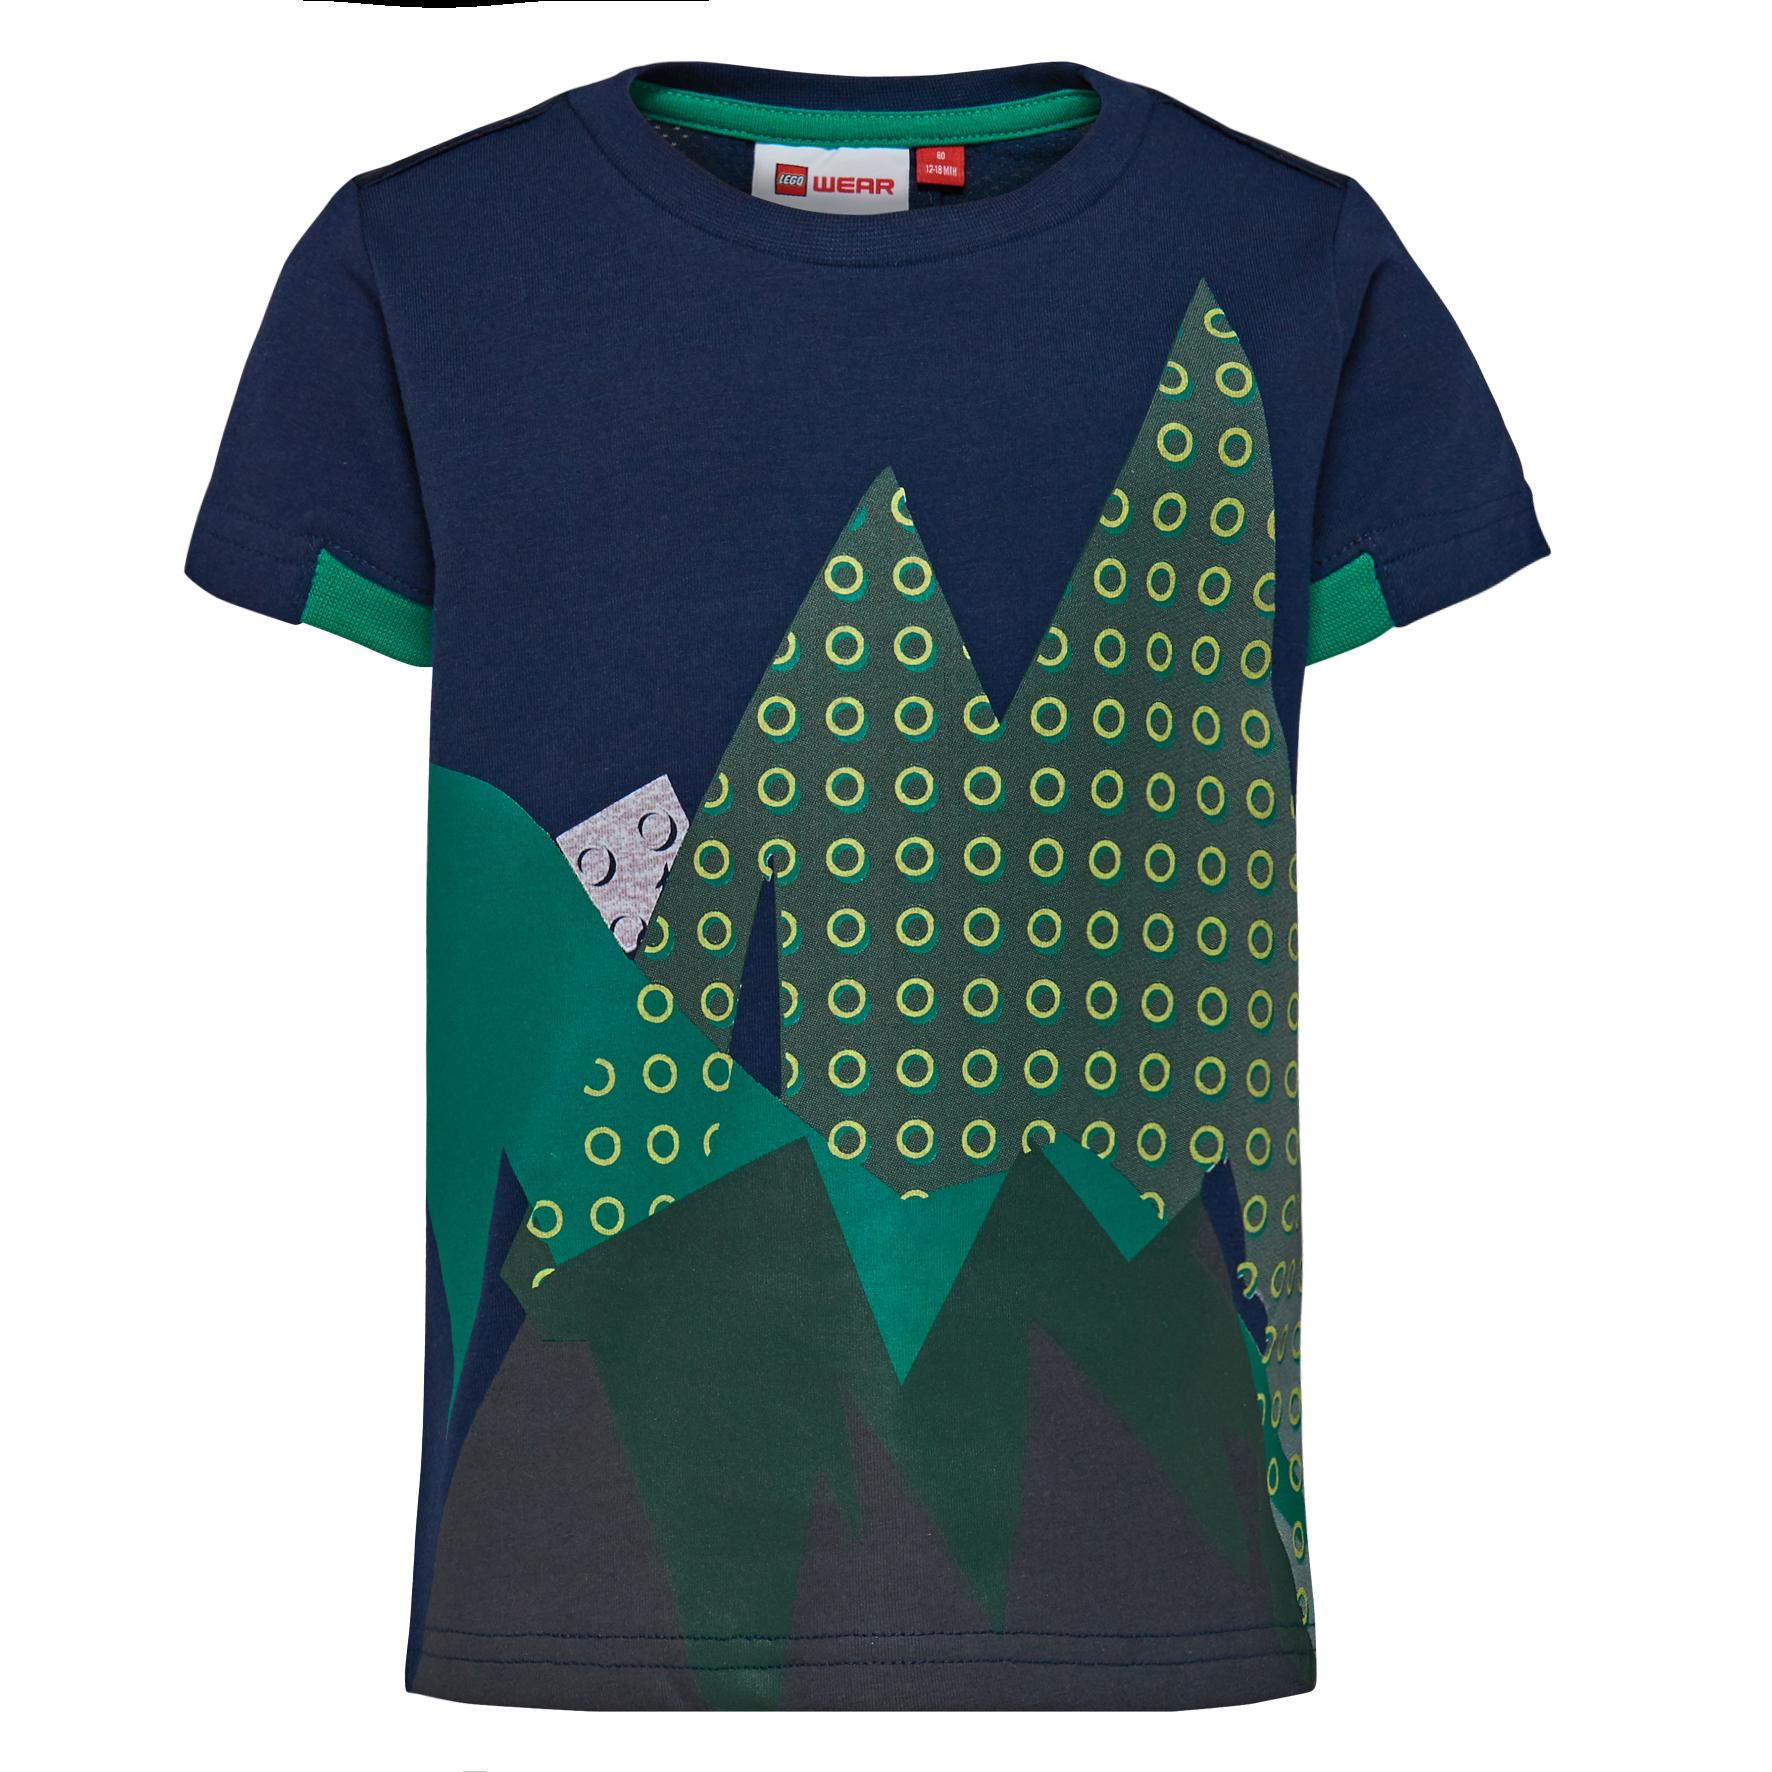 LEGO Wear - Duplo T-shirt - Tyler 606